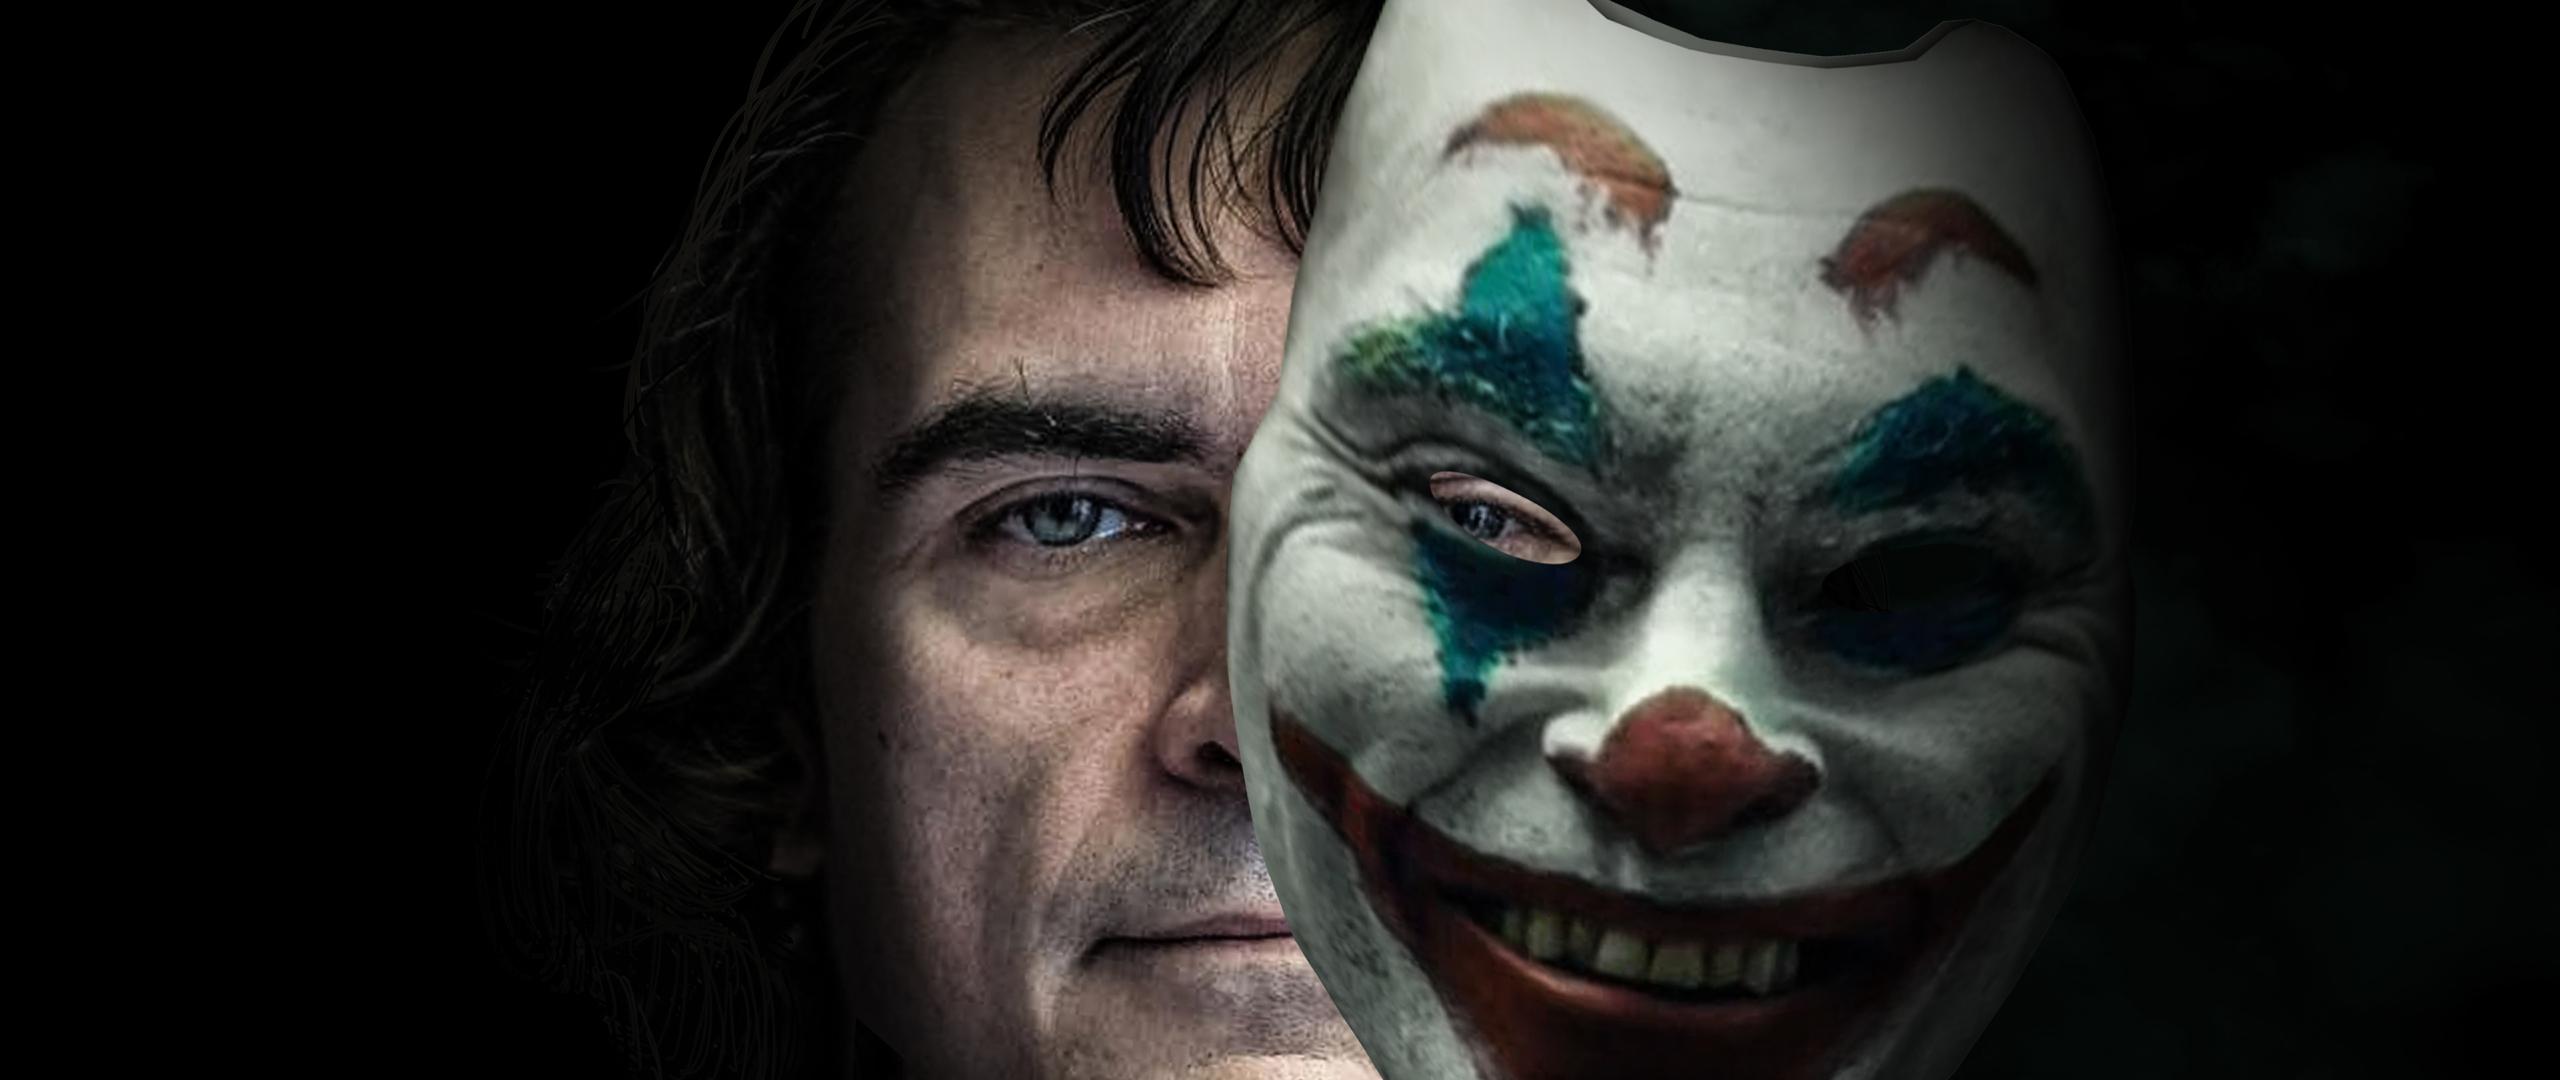 2560x1080 Joker 2019 Movie 4K 2560x1080 Resolution ...